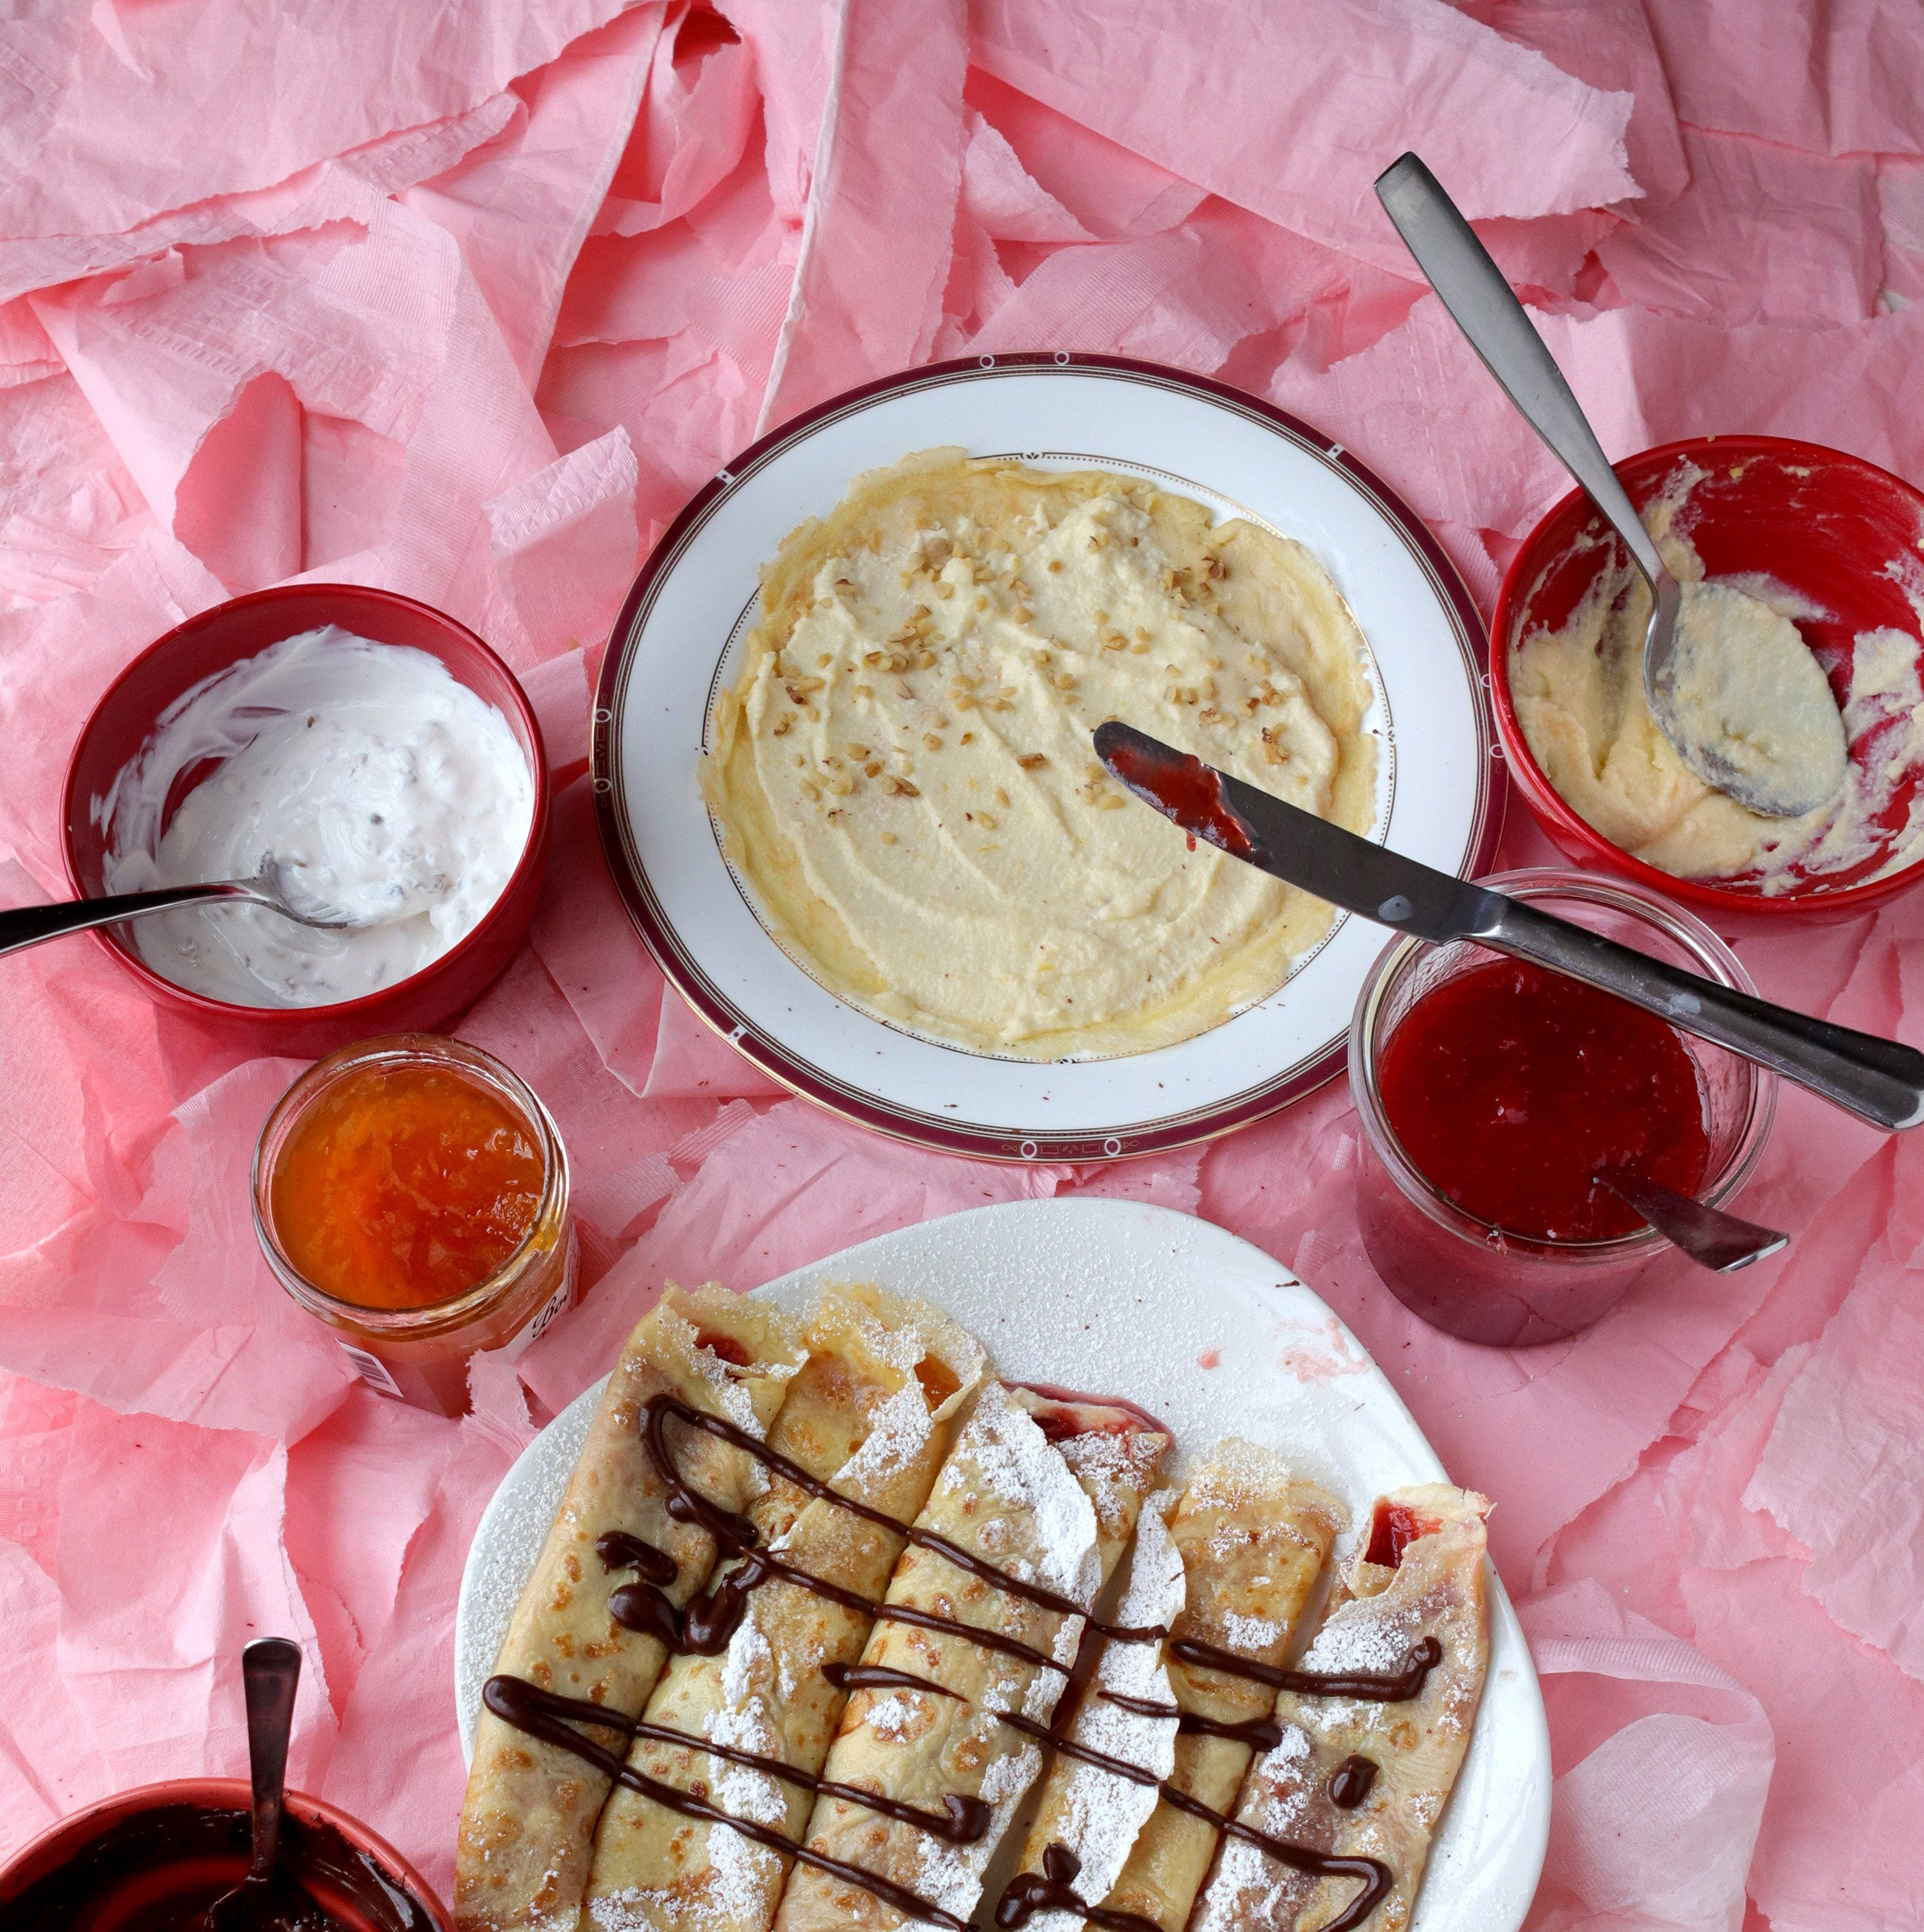 Palacsinta, Hungary's popular dessert